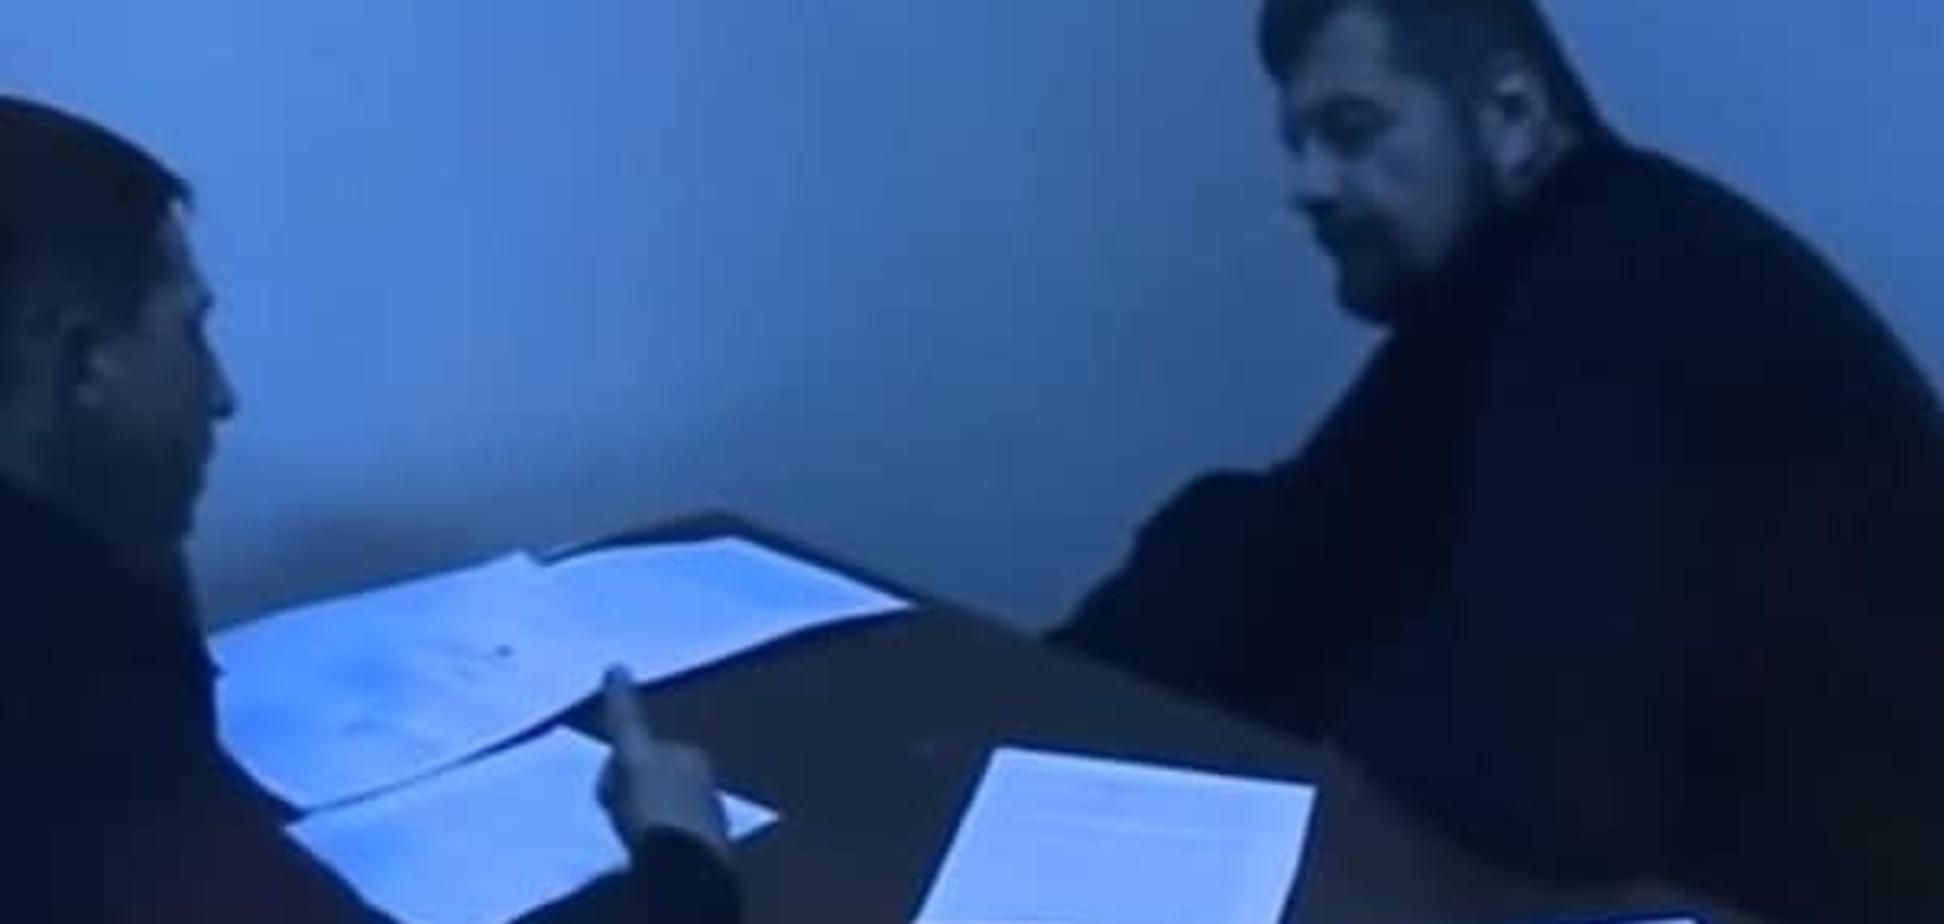 Мосійчук заявив, що обмовив себе під жорстокими тортурами, але нікого 'не здав'